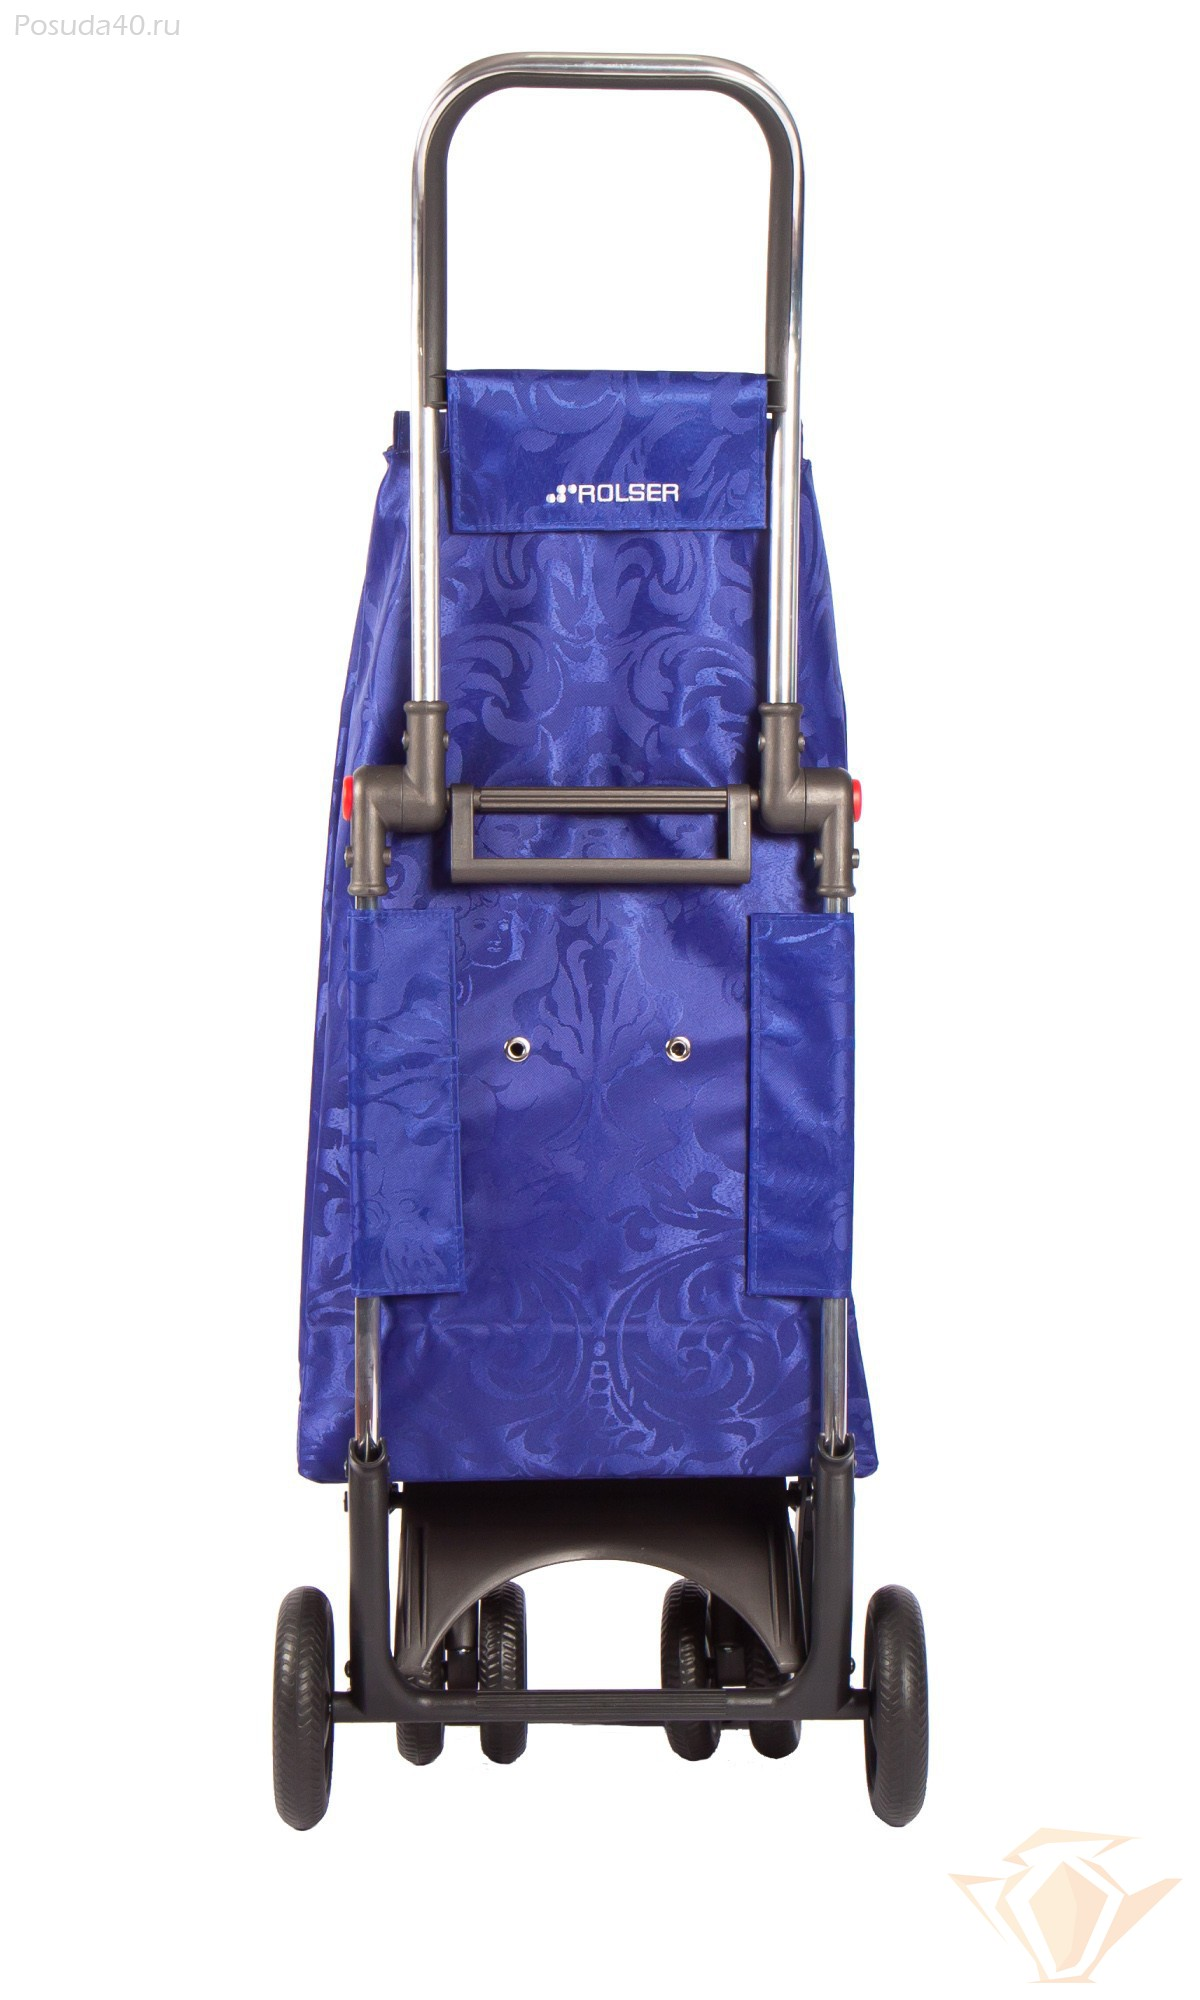 Где купить сумки хозяйственные на колесах rolser рюкзаки в минске туристические